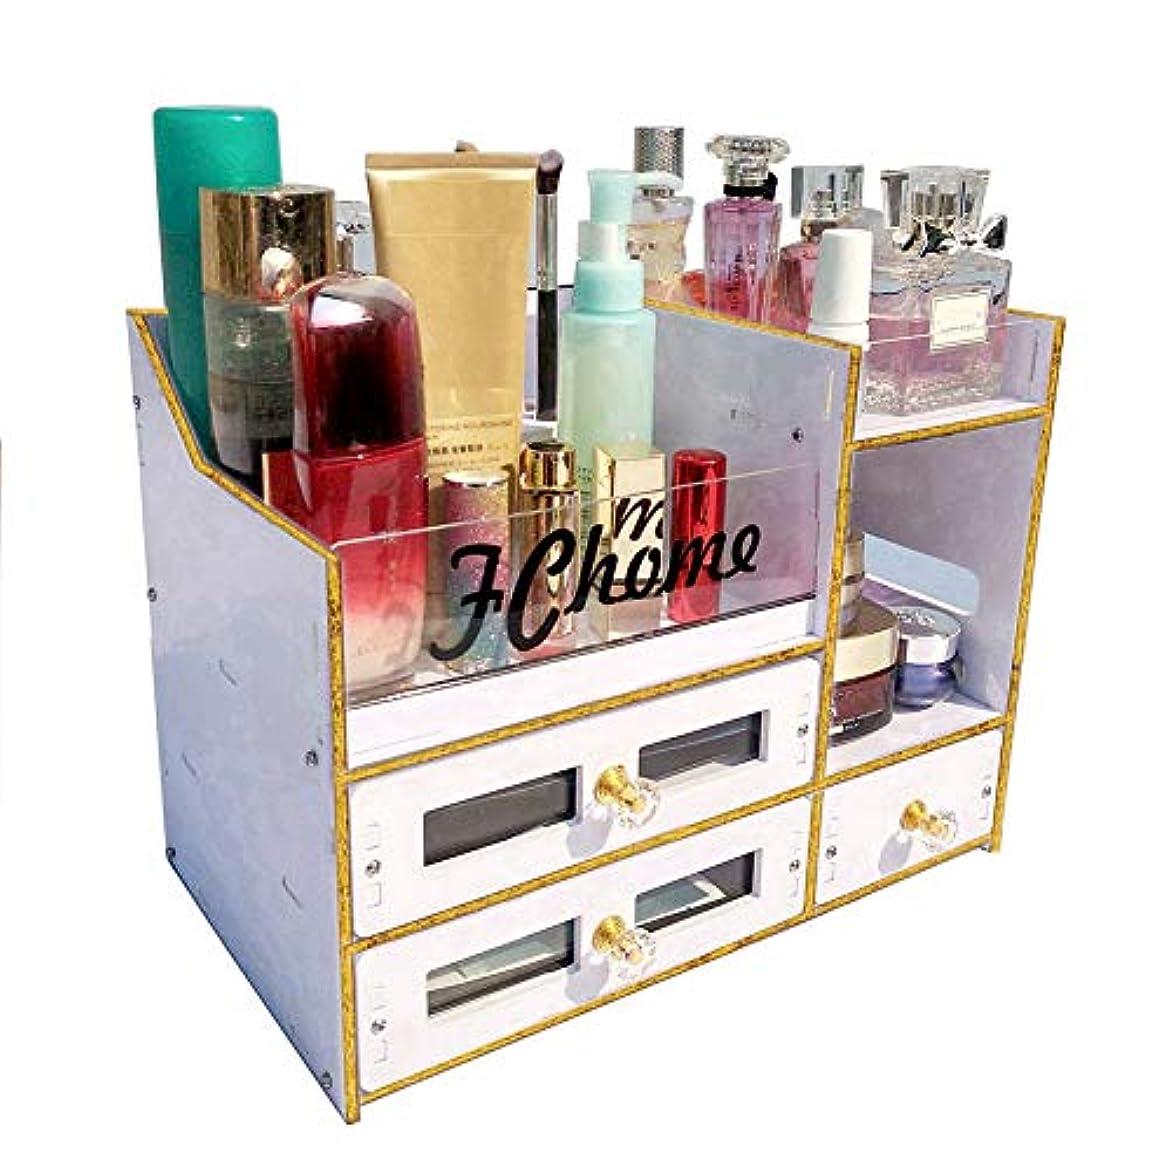 トイレクラウン飼いならすFChome化粧品収納ボックス引き出しアクリルPVCジュエリー化粧品収納ラック大容量化粧収納ボックスセット、ゴールド